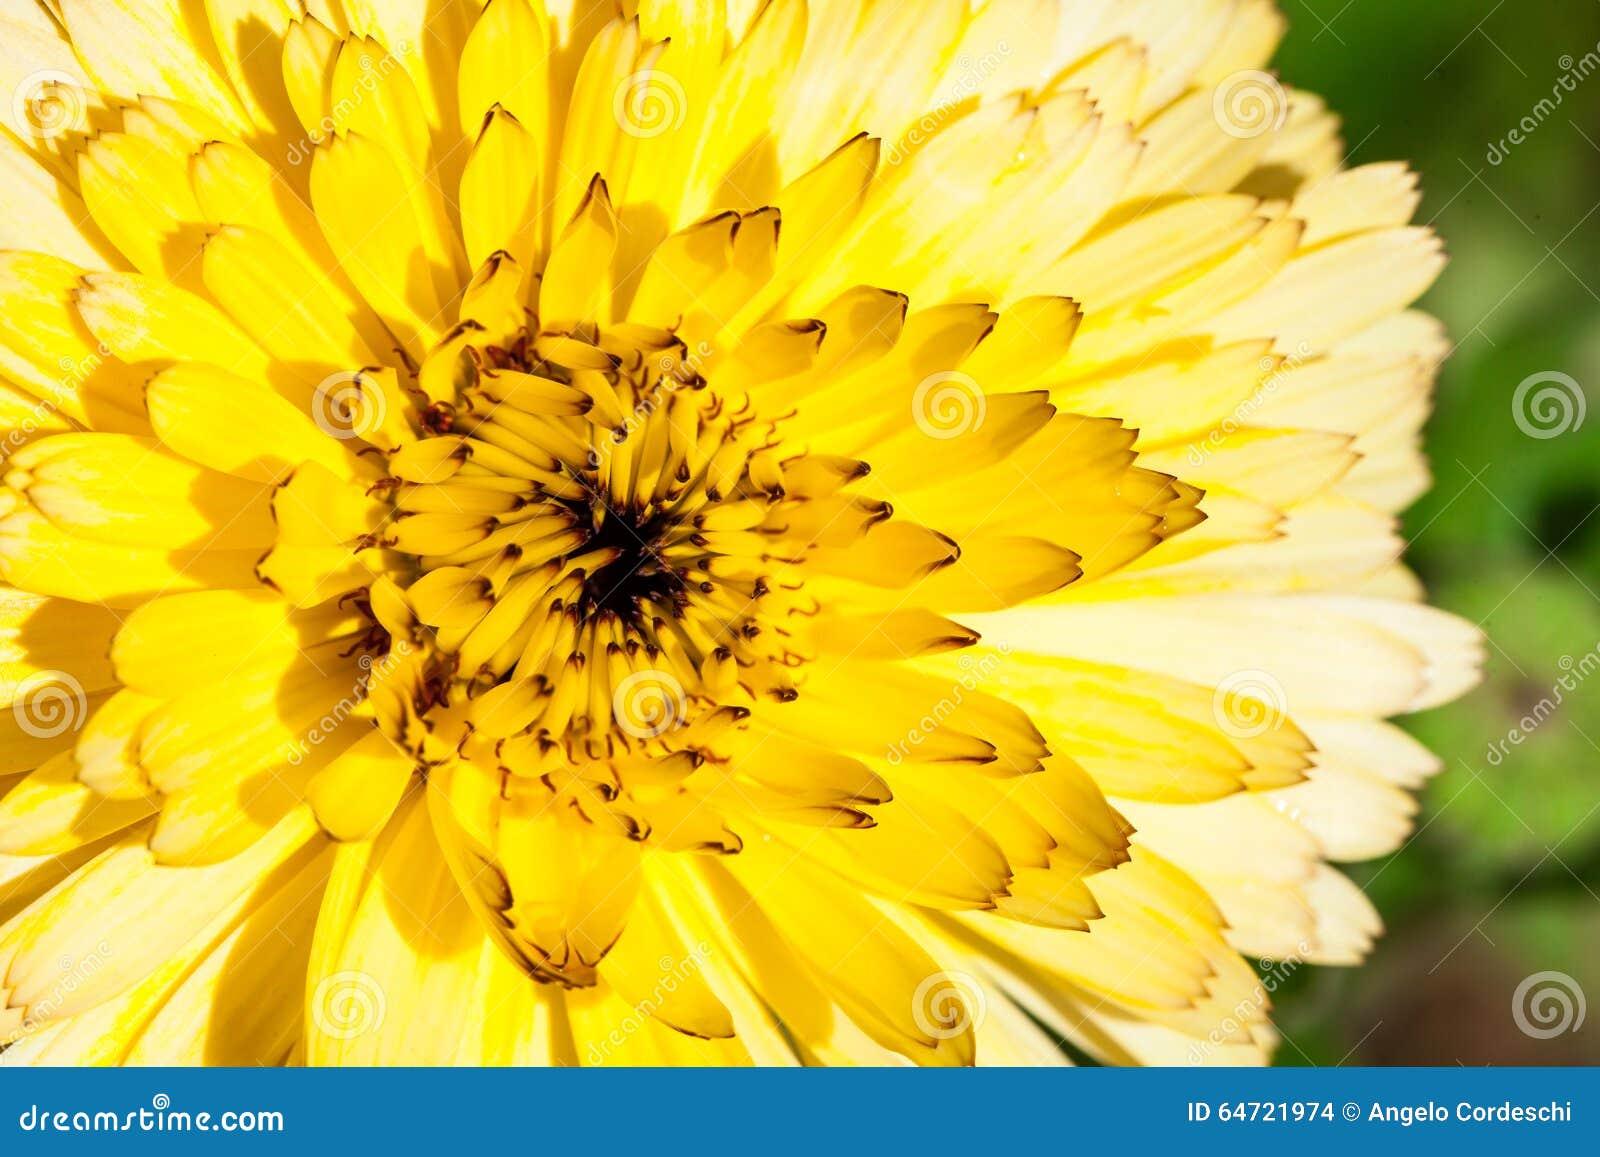 Kwiat z żółtymi płatkami, makro- szczegółowy rysunek kwiecisty pochodzenie wektora